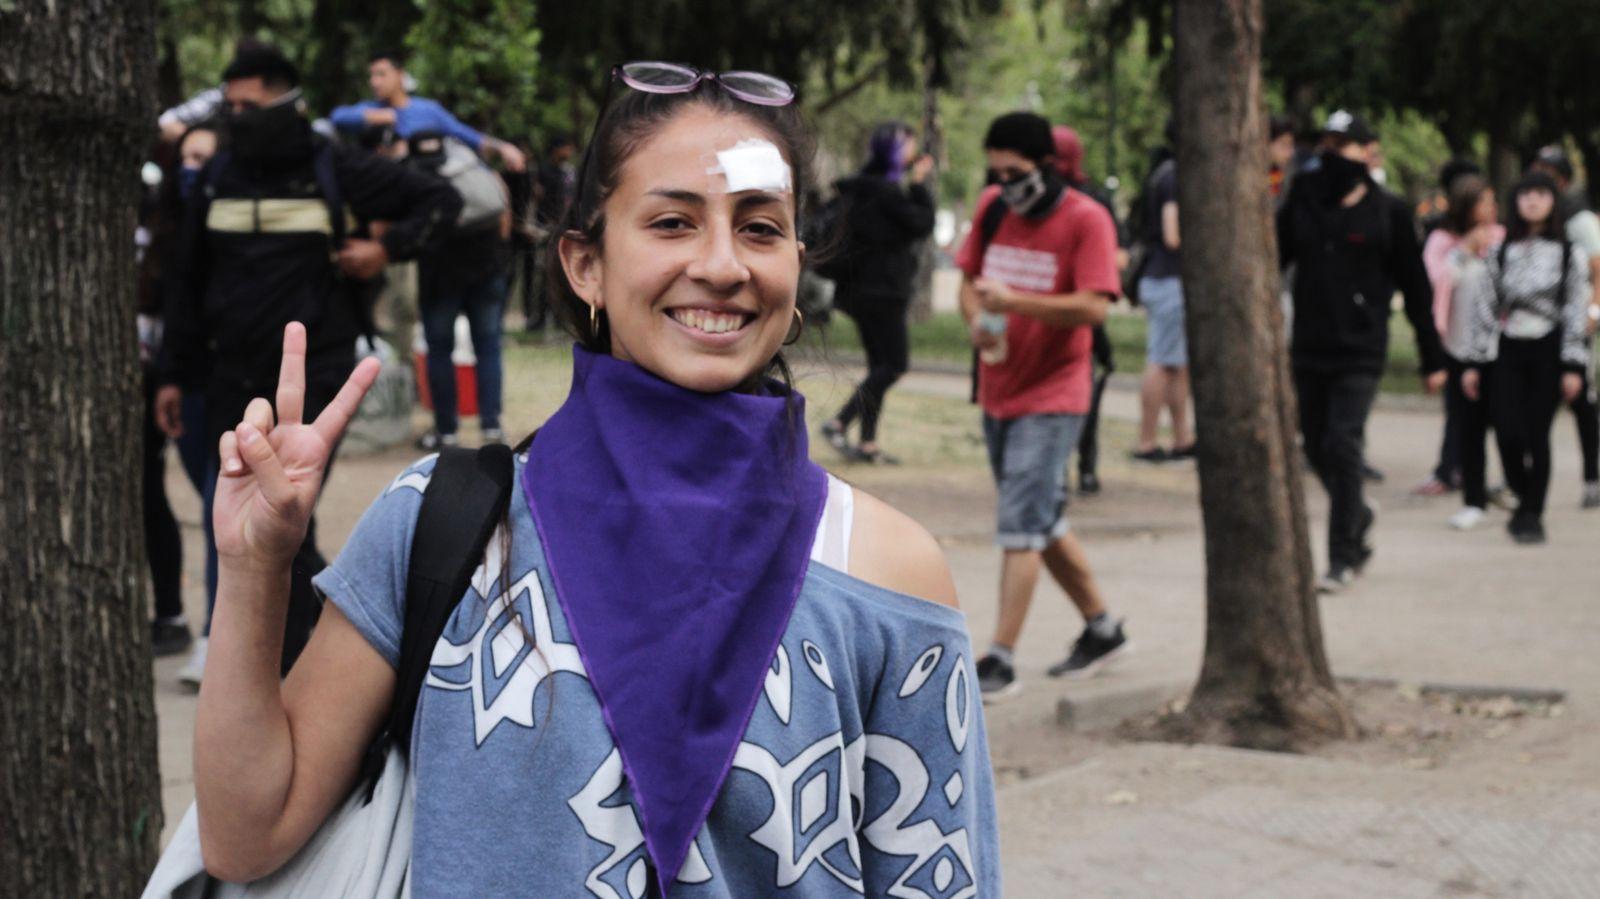 EINMALIGE VERWENDUNG Chile/ Menschenrechtsverletzungen/ überarbeitet